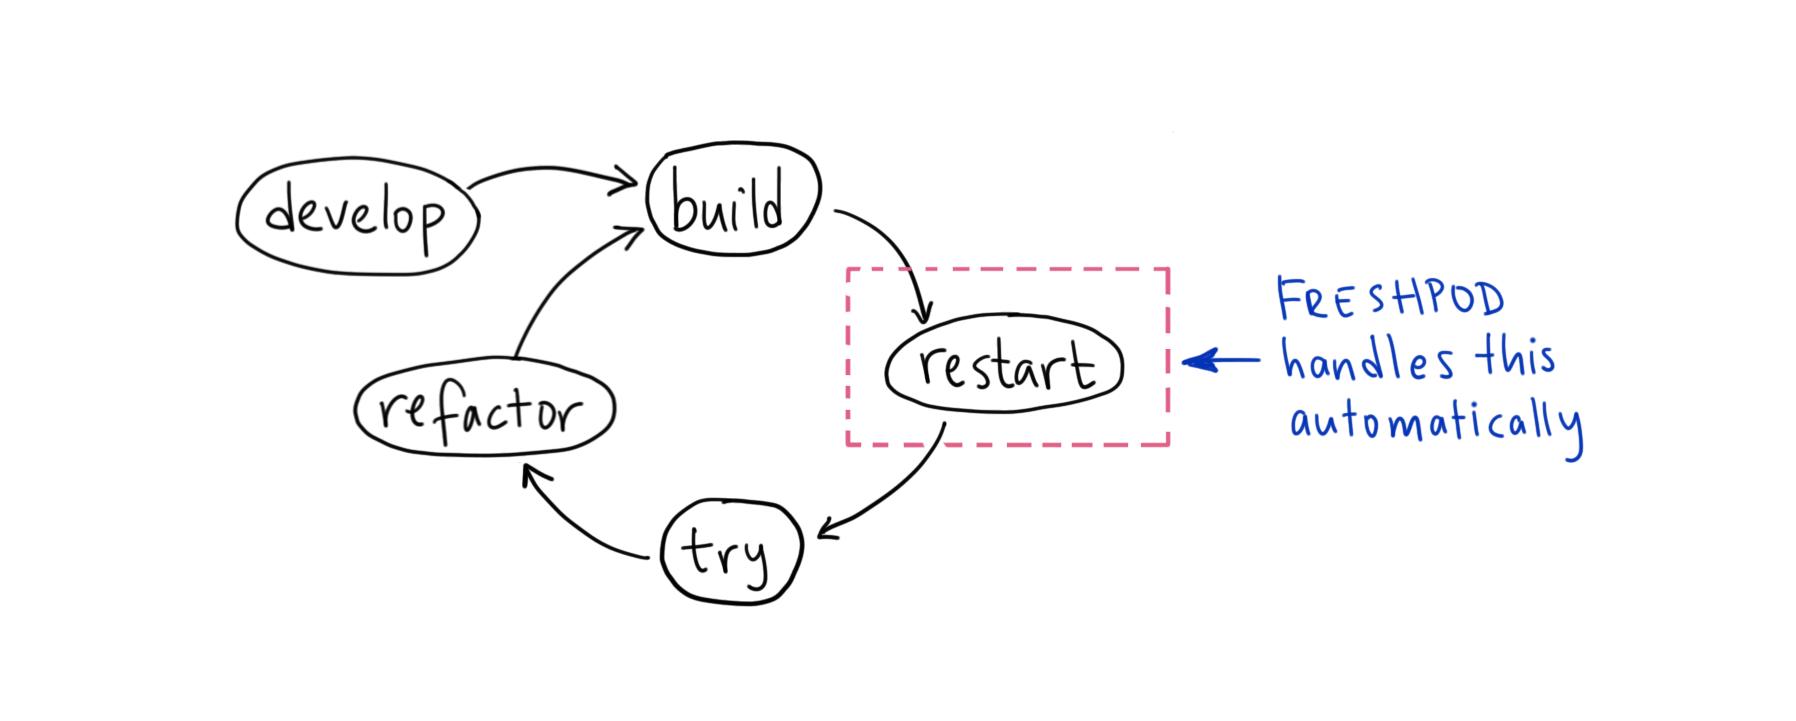 freshpod workflow